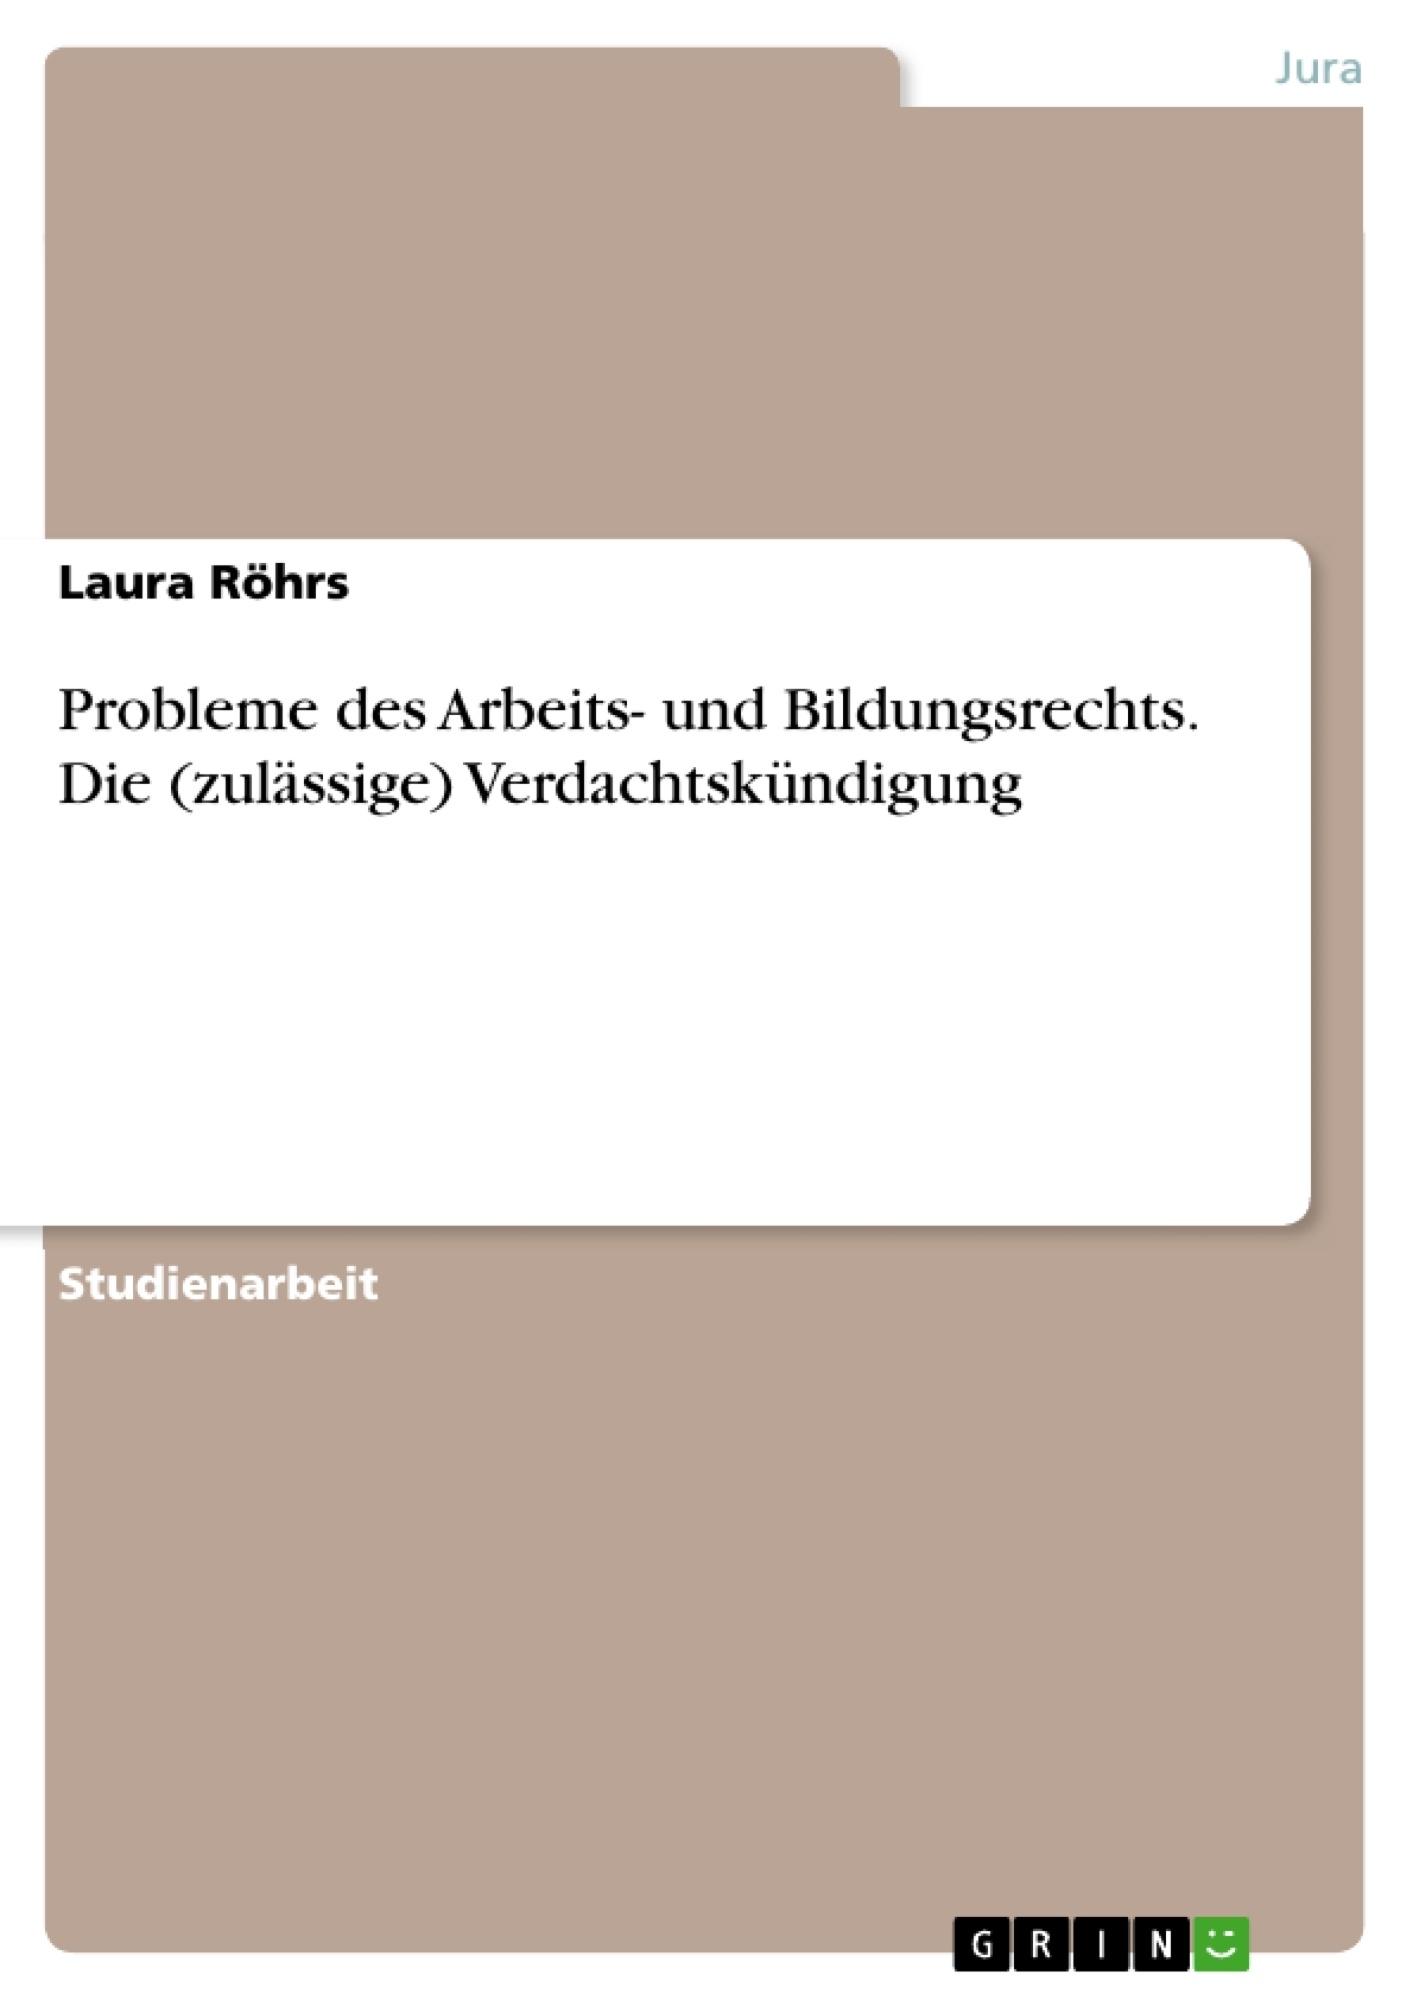 Titel: Probleme des Arbeits- und Bildungsrechts. Die (zulässige) Verdachtskündigung